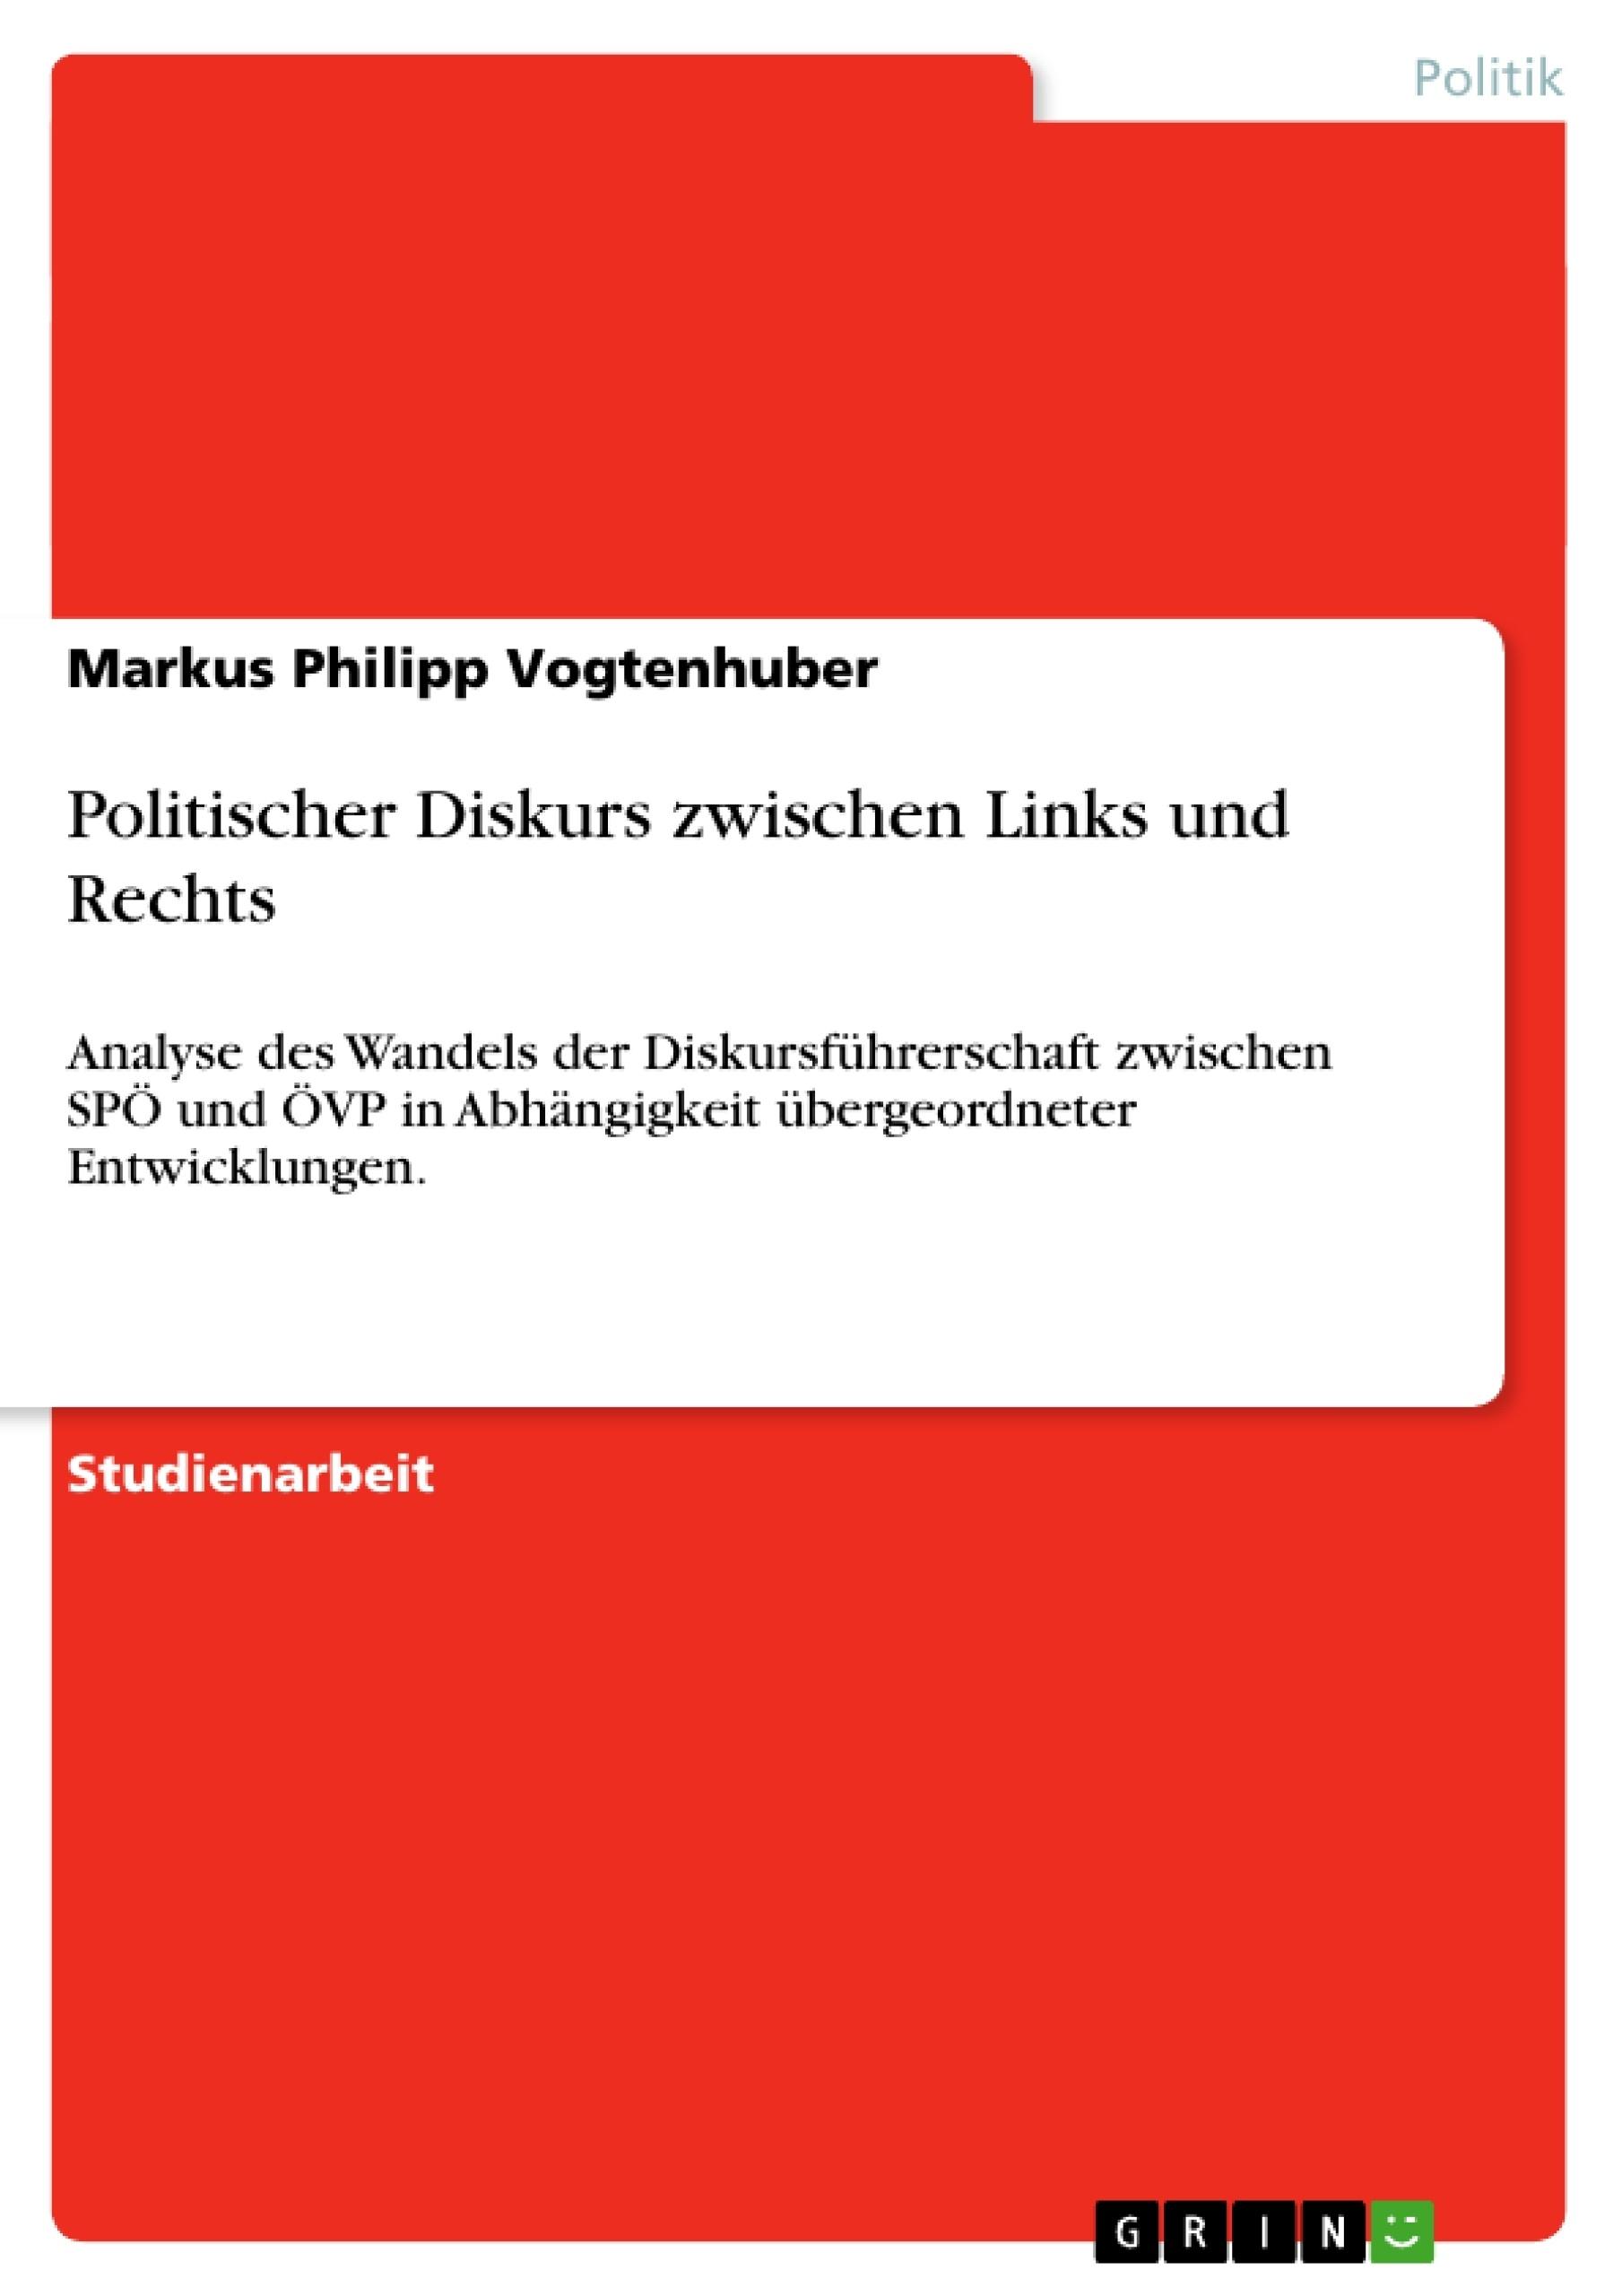 Titel: Politischer Diskurs zwischen Links und Rechts